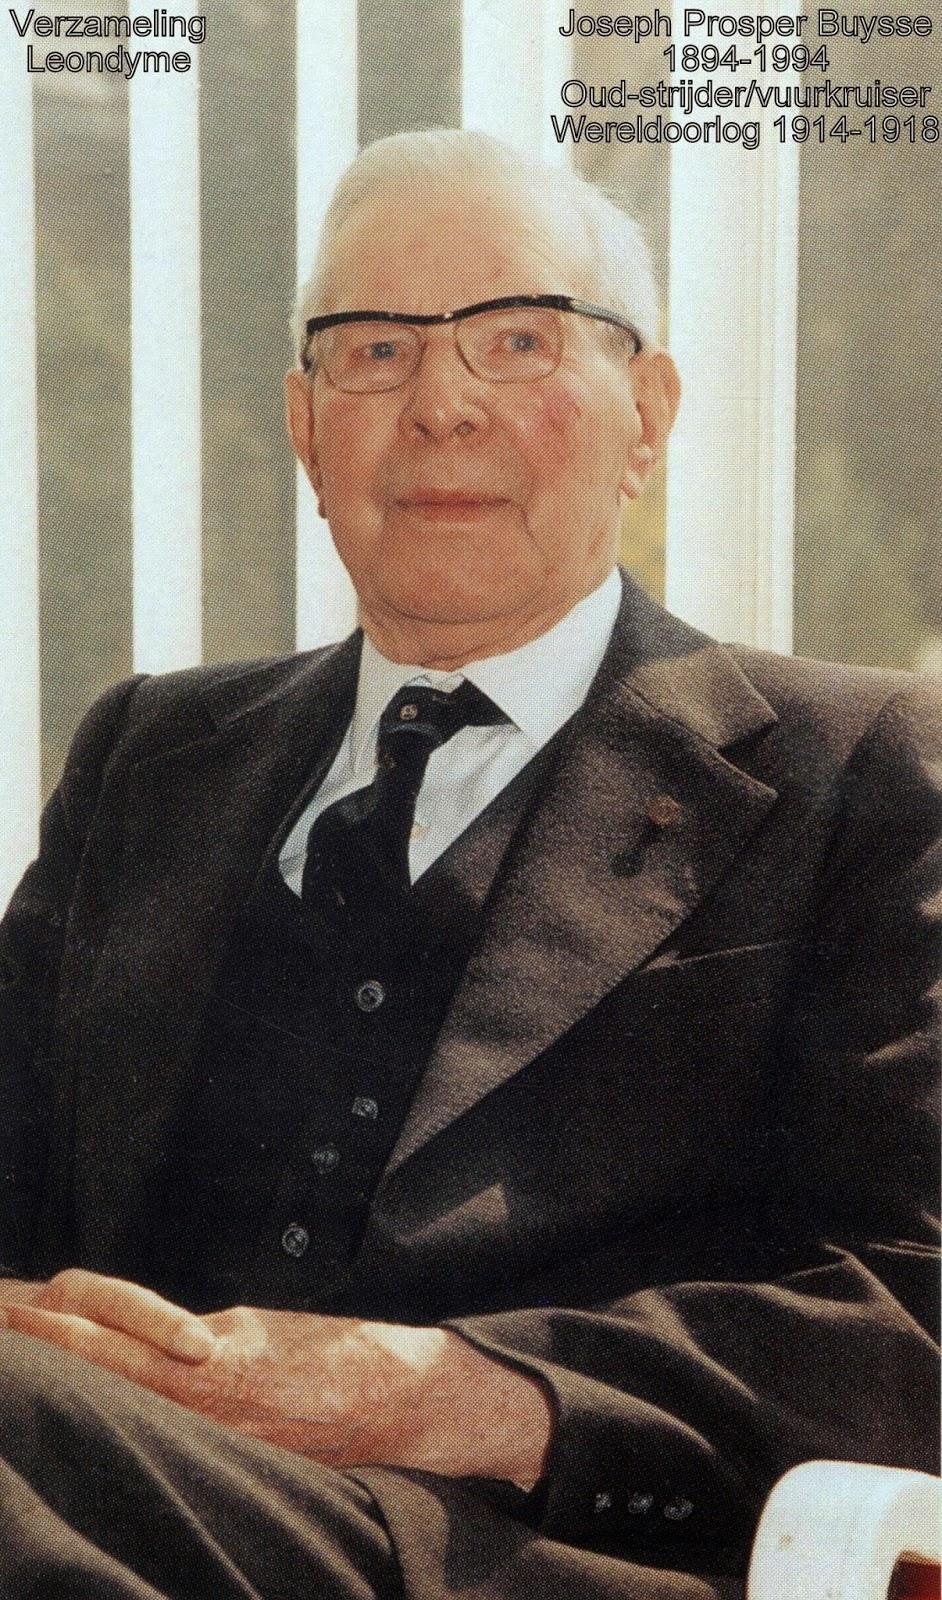 Buysse Joseph Prosper 1894-1994. Bidprentje